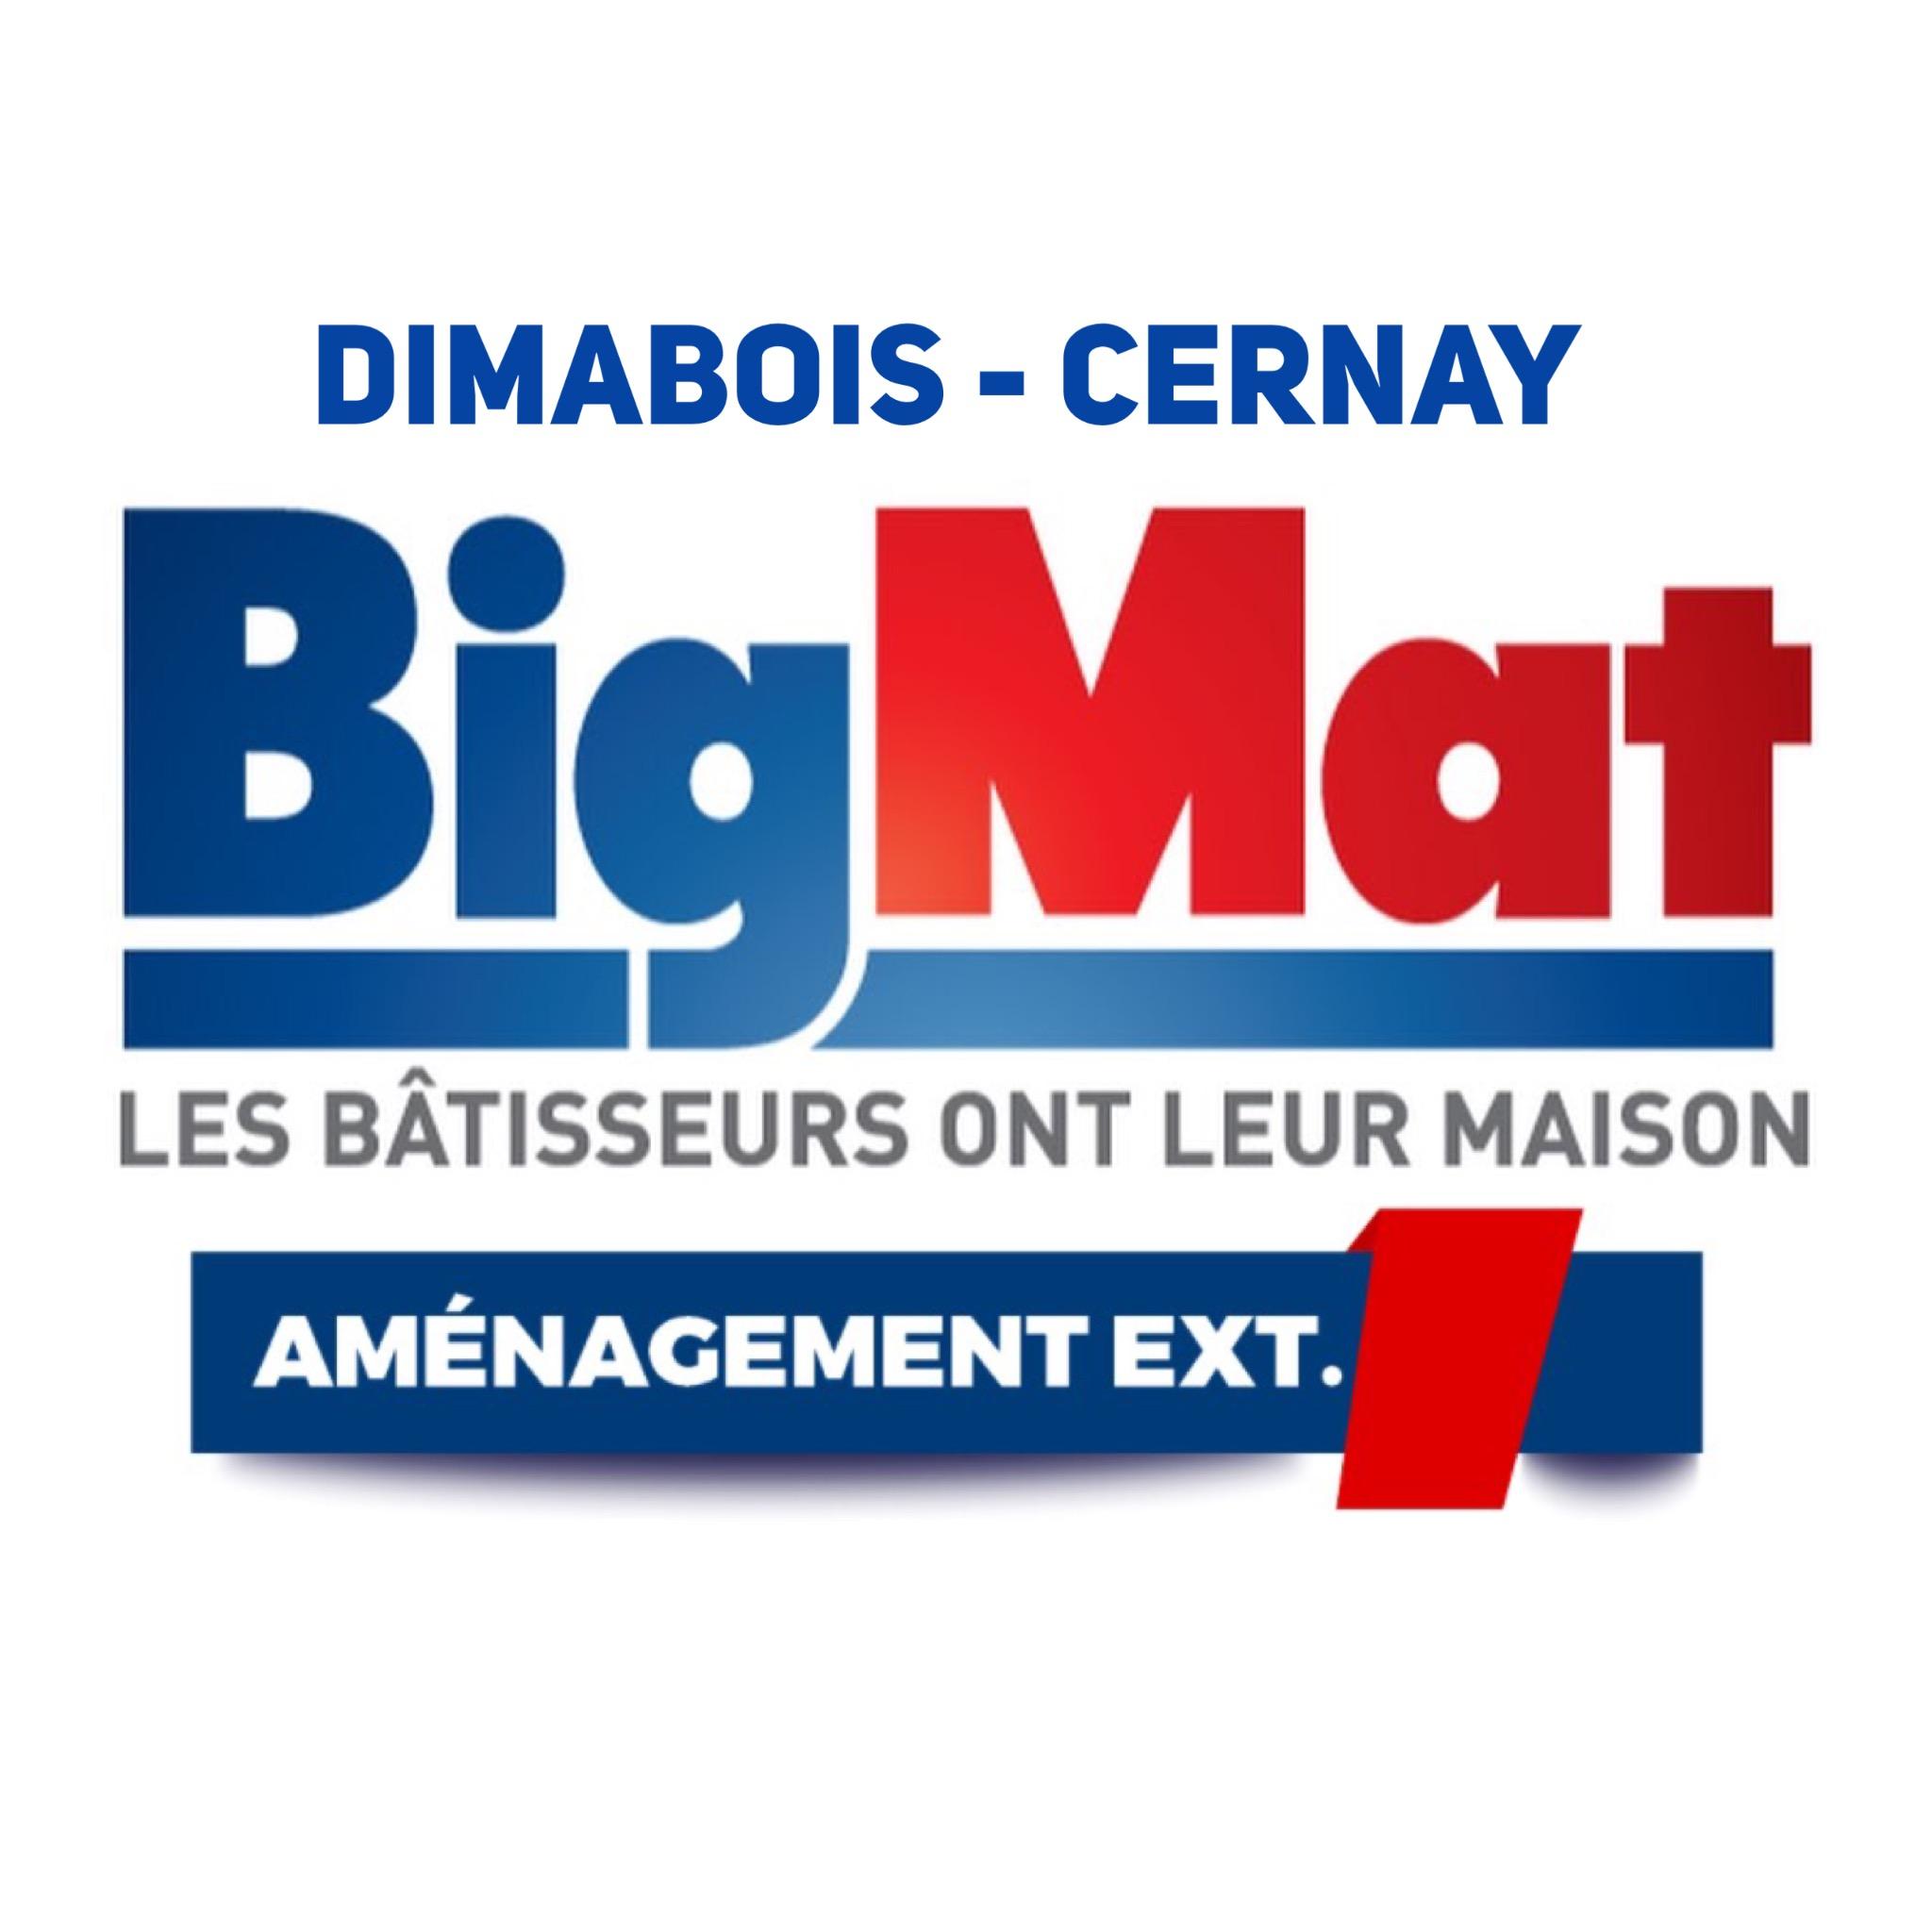 BigMat Dimabois